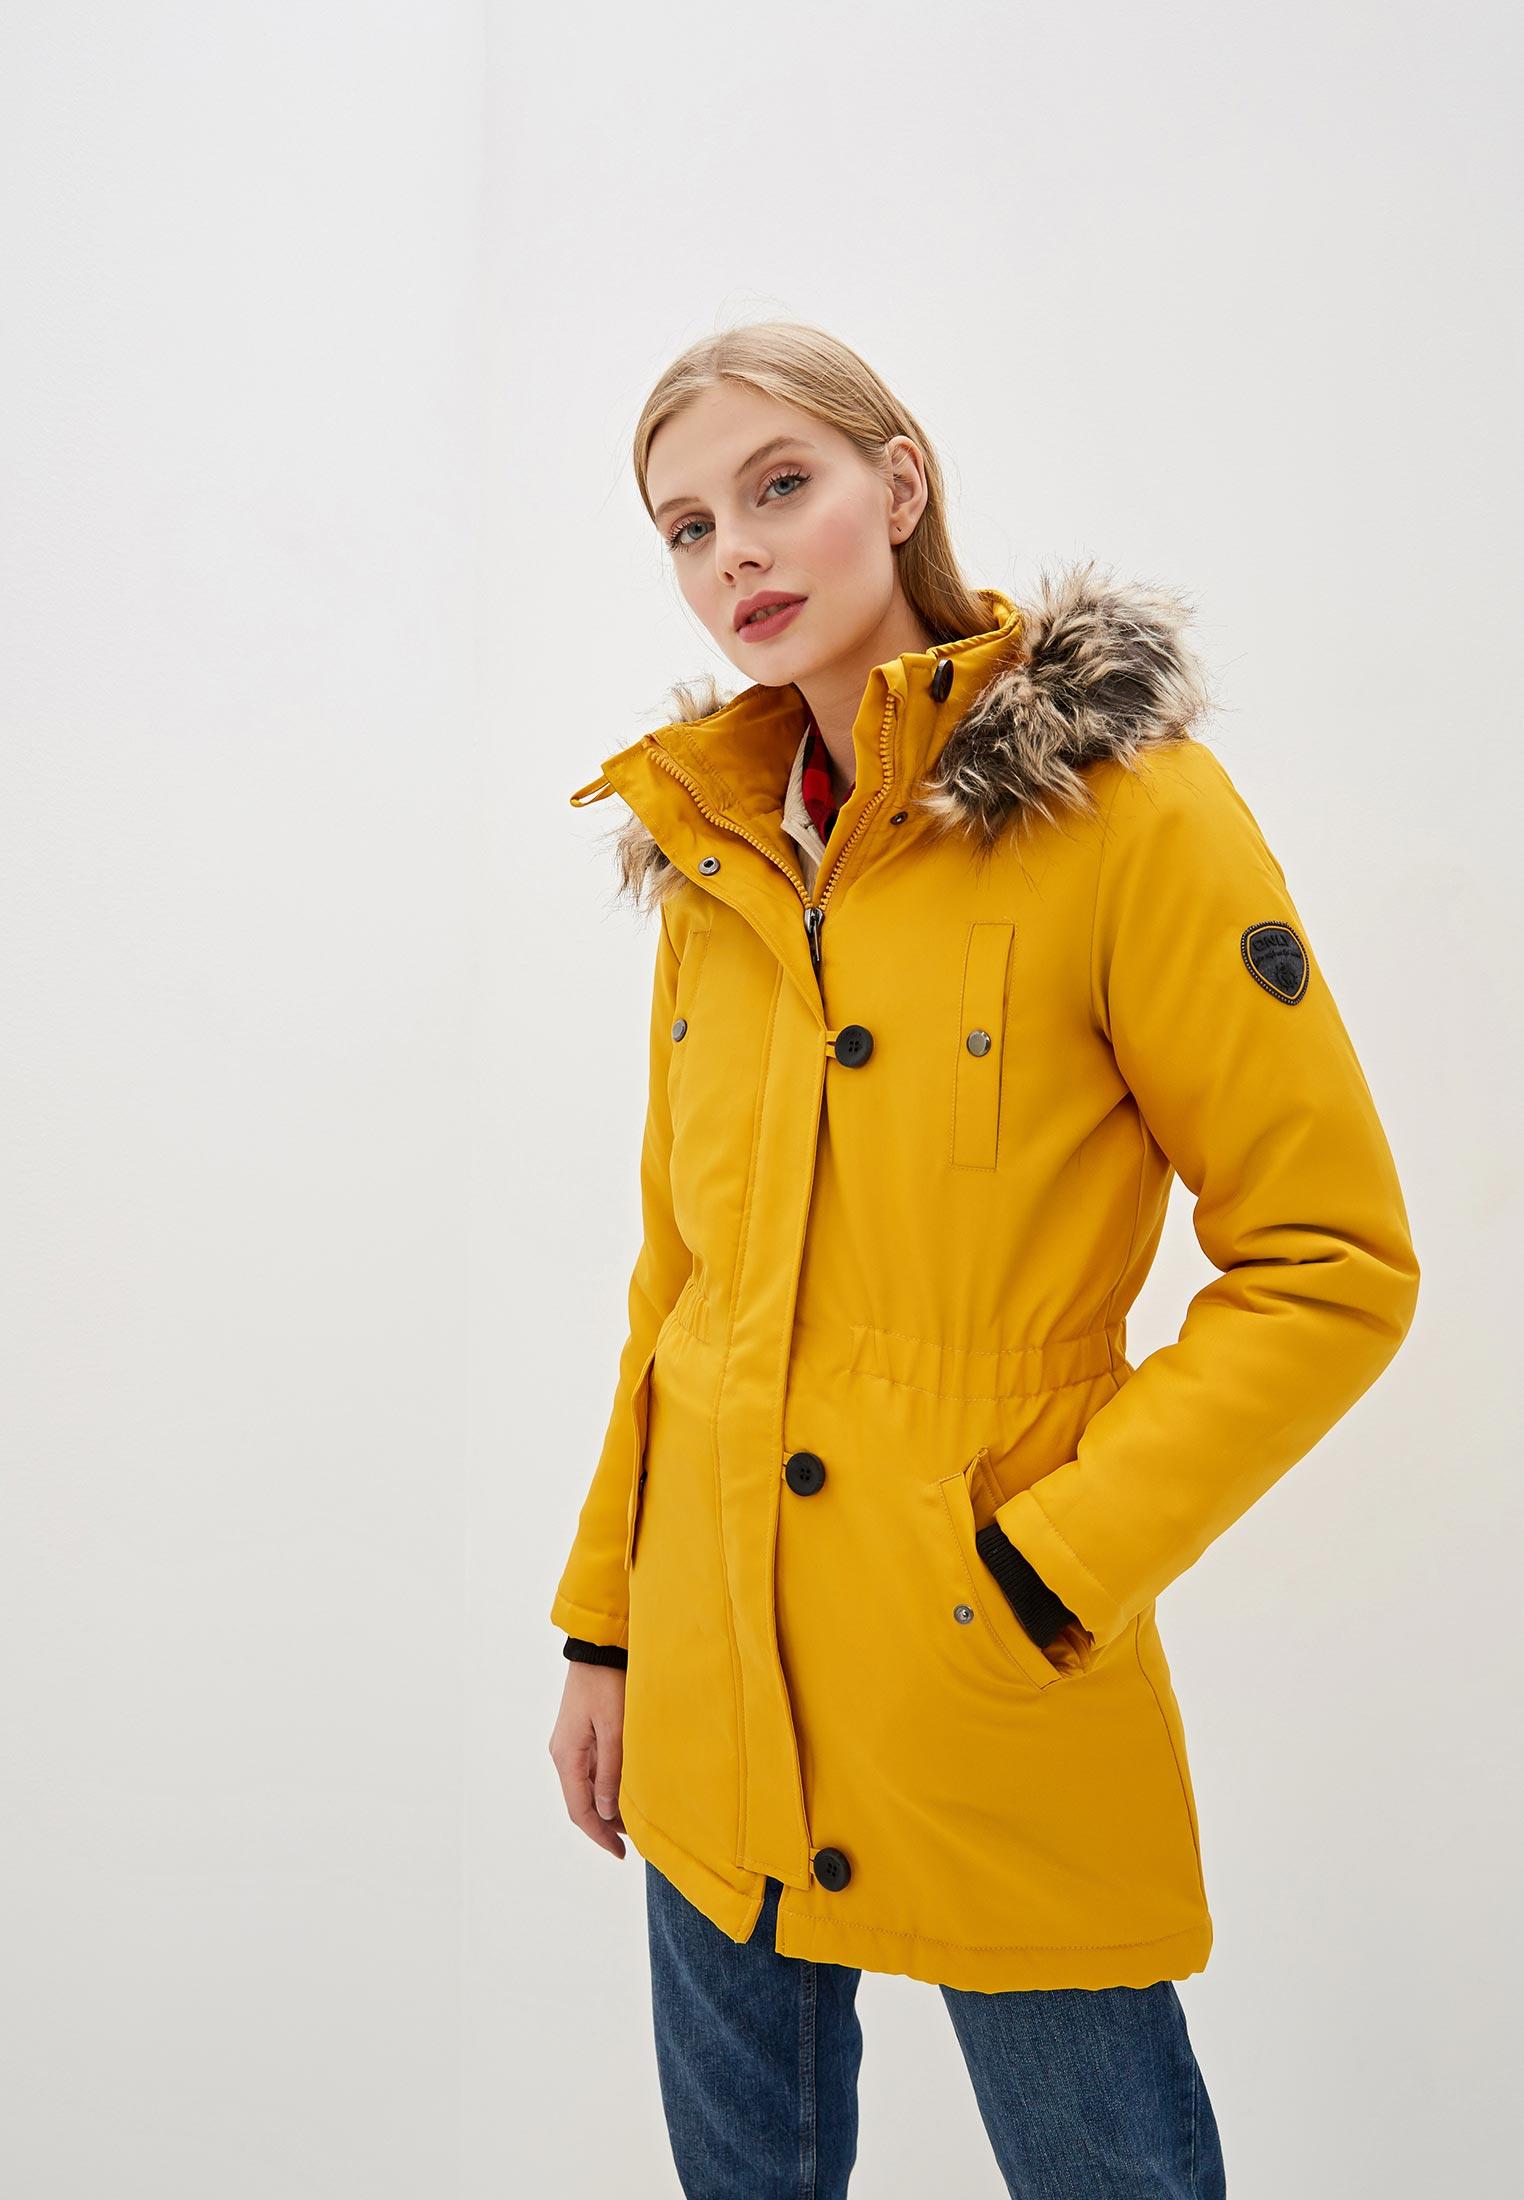 Парка, Only, цвет: желтый. Артикул: ON380EWFPDG8. Одежда / Верхняя одежда / Парки